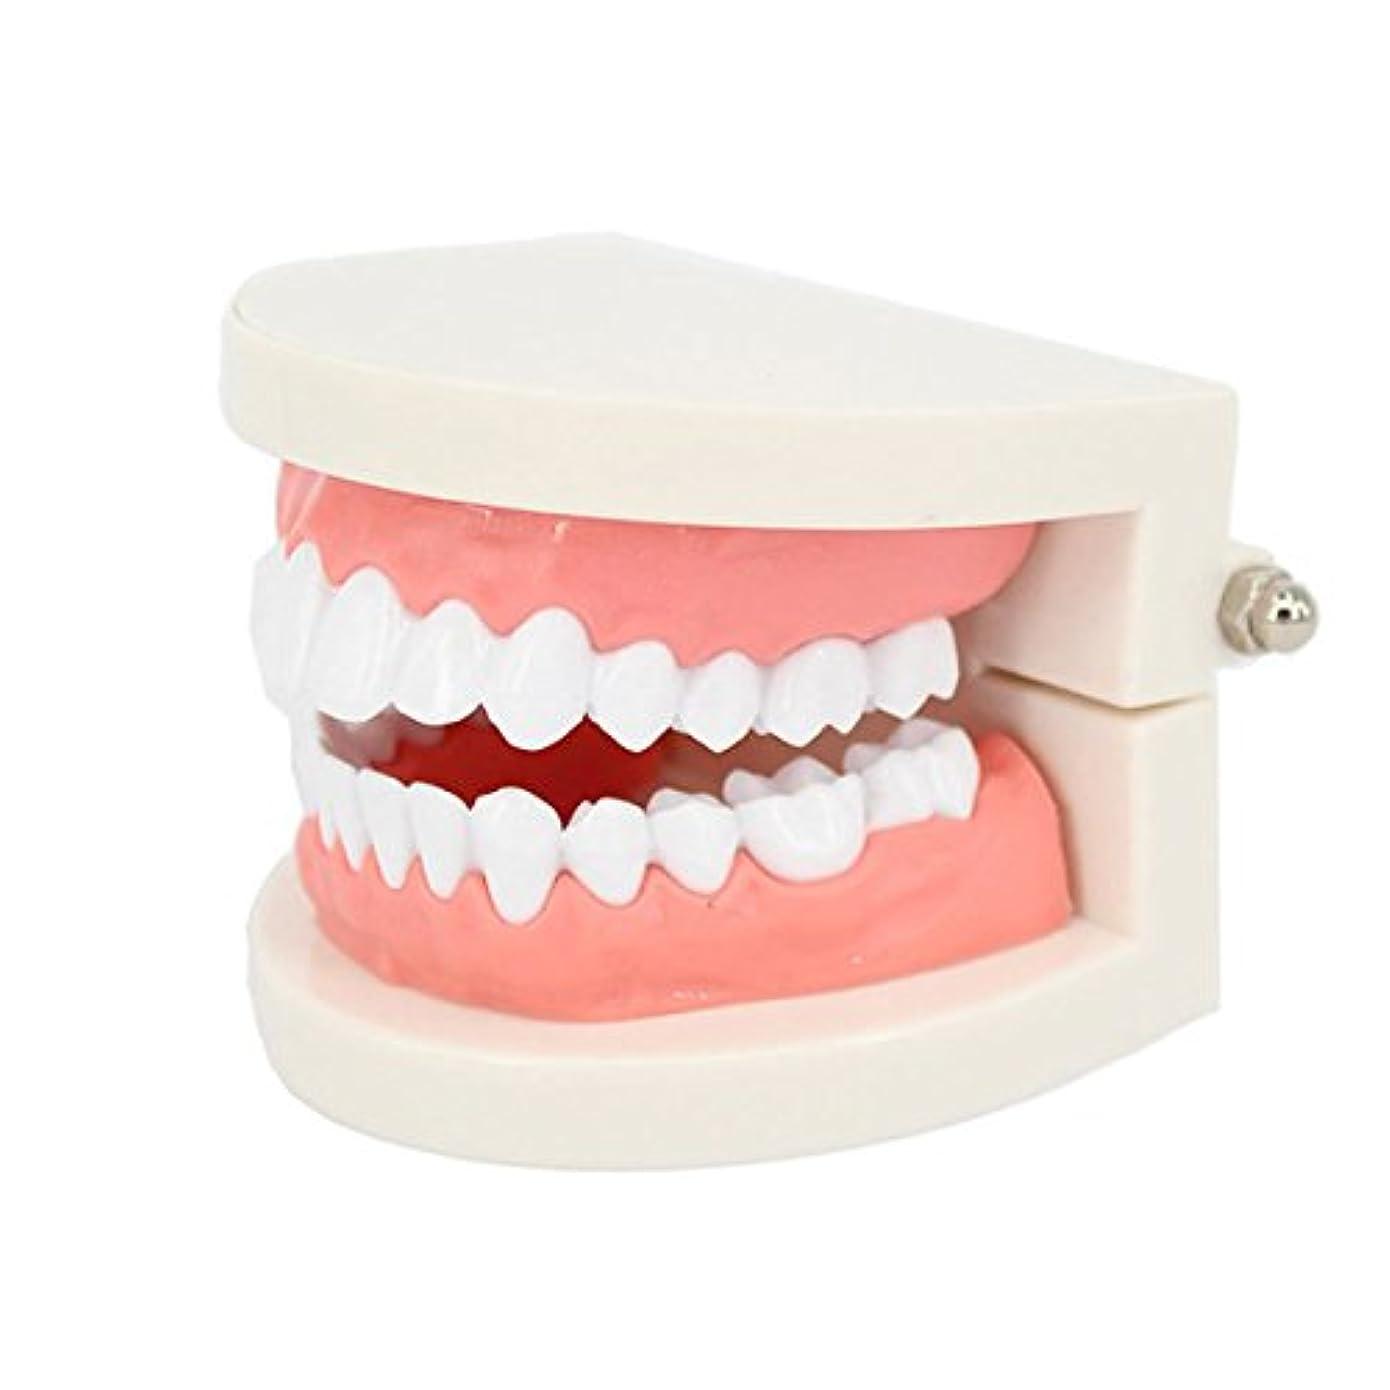 評判納税者蜜ROSENICE 歯科医 歯列模型 歯は着脱可能 指導用模型